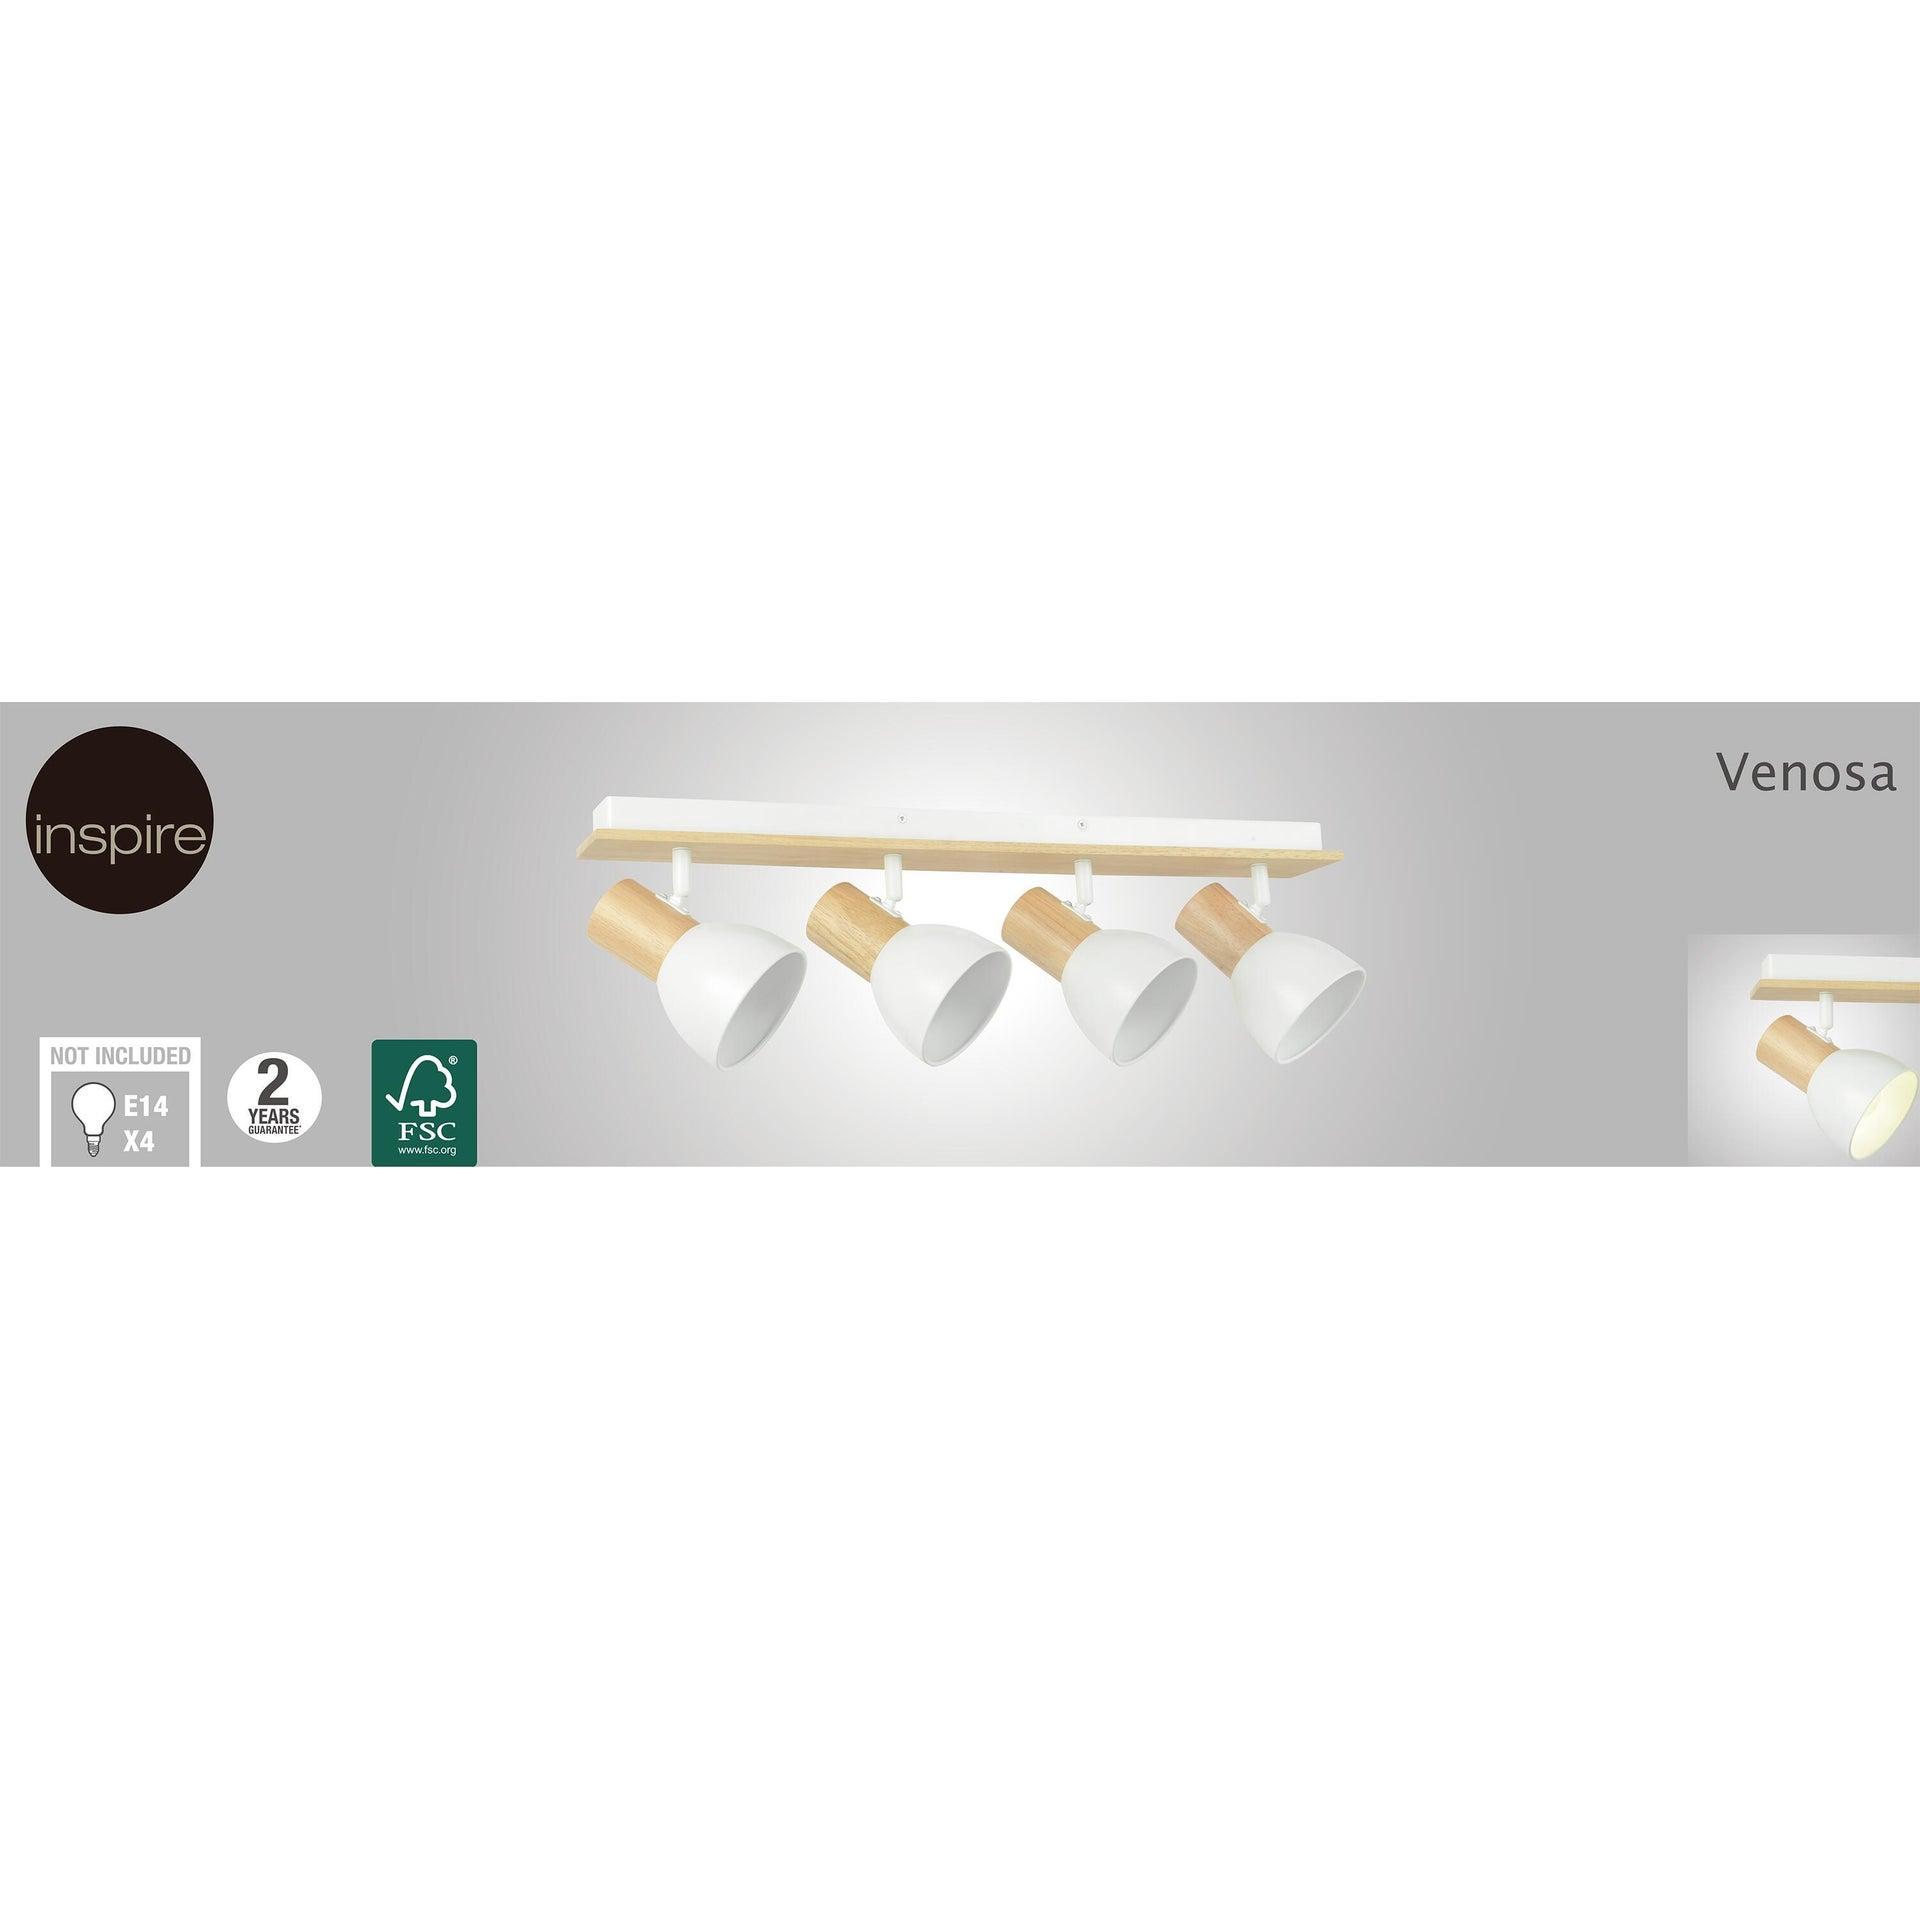 Faretto a muro Venosa bianco/legno, in metallo, E14 4xIP20 INSPIRE - 3